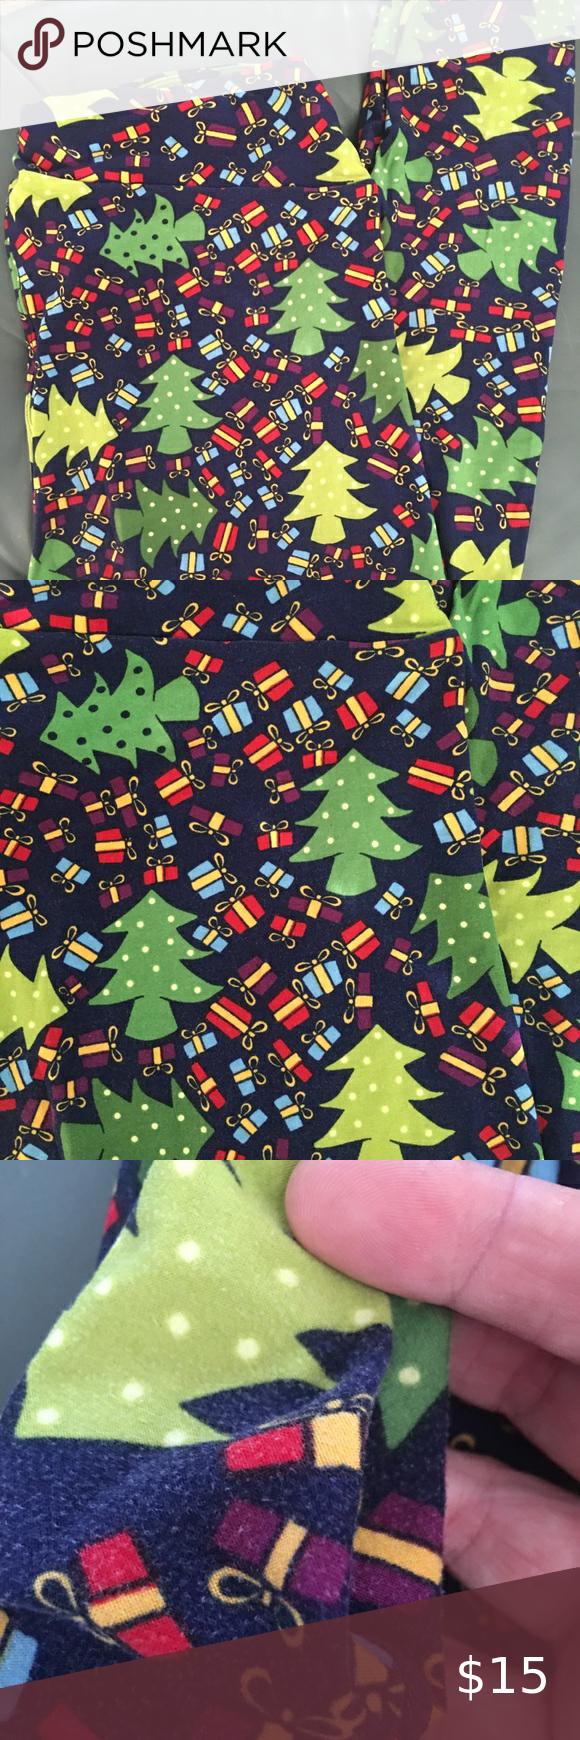 COPY   Lularoe Christmas Tree Presents Leggings T… in 2020